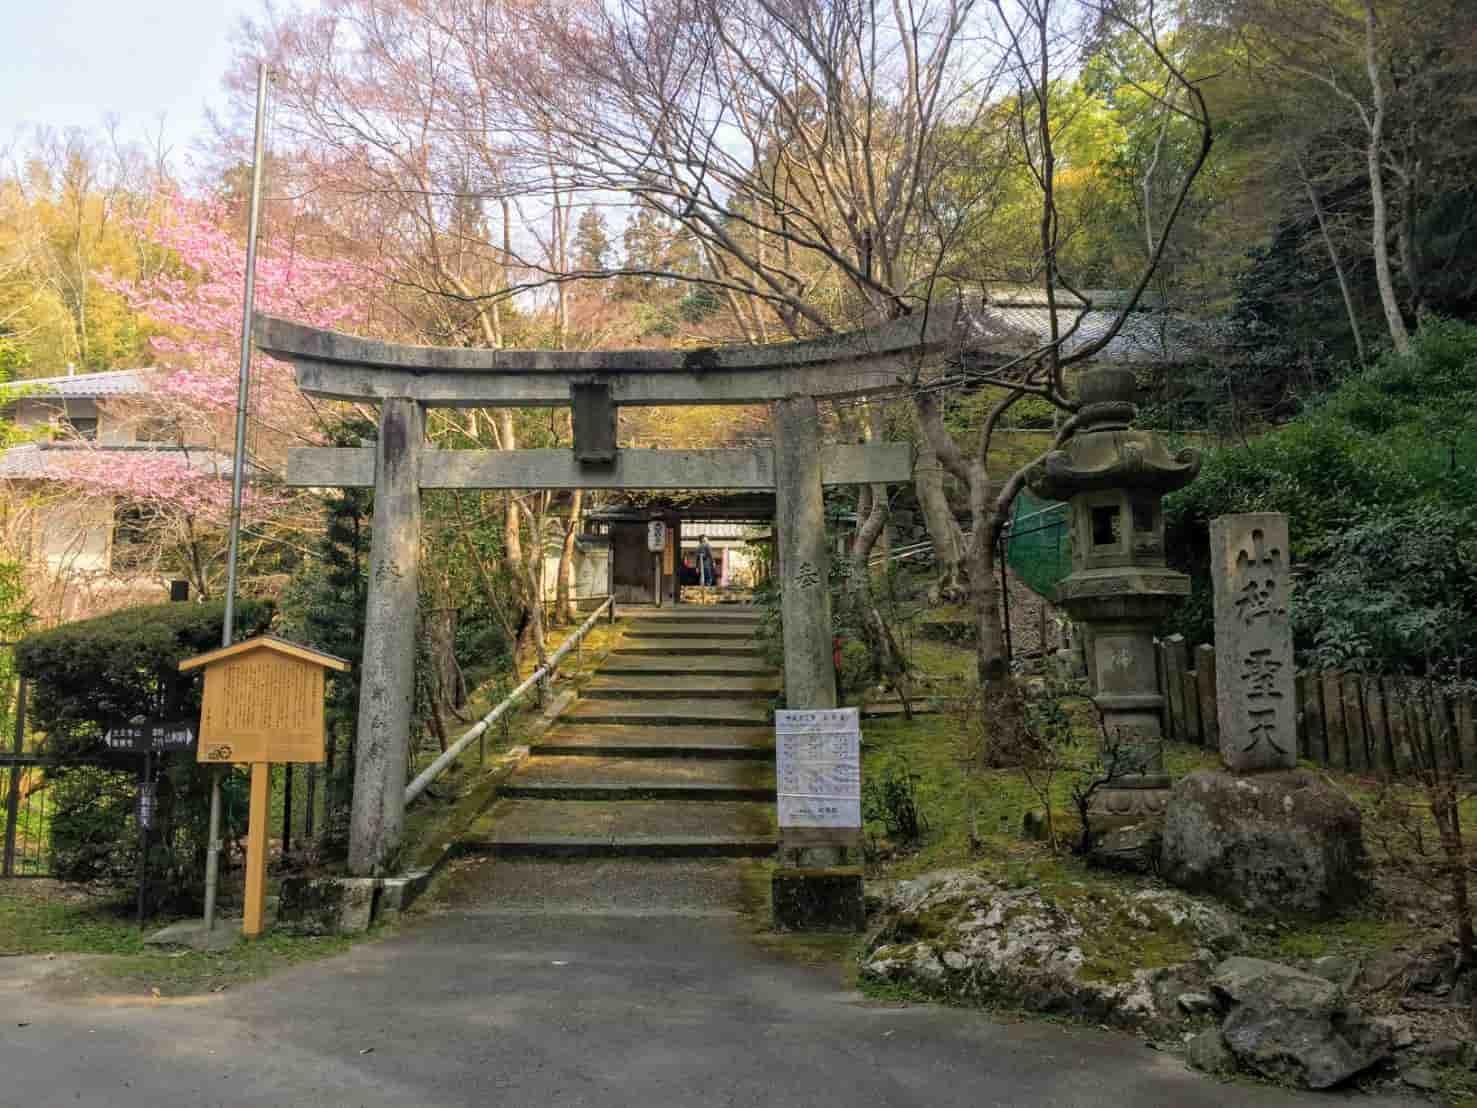 京都秘仏を巡る願いを叶えるツアー(双林院の秘仏・大聖歓喜天&ご住職の案内による特別拝観)